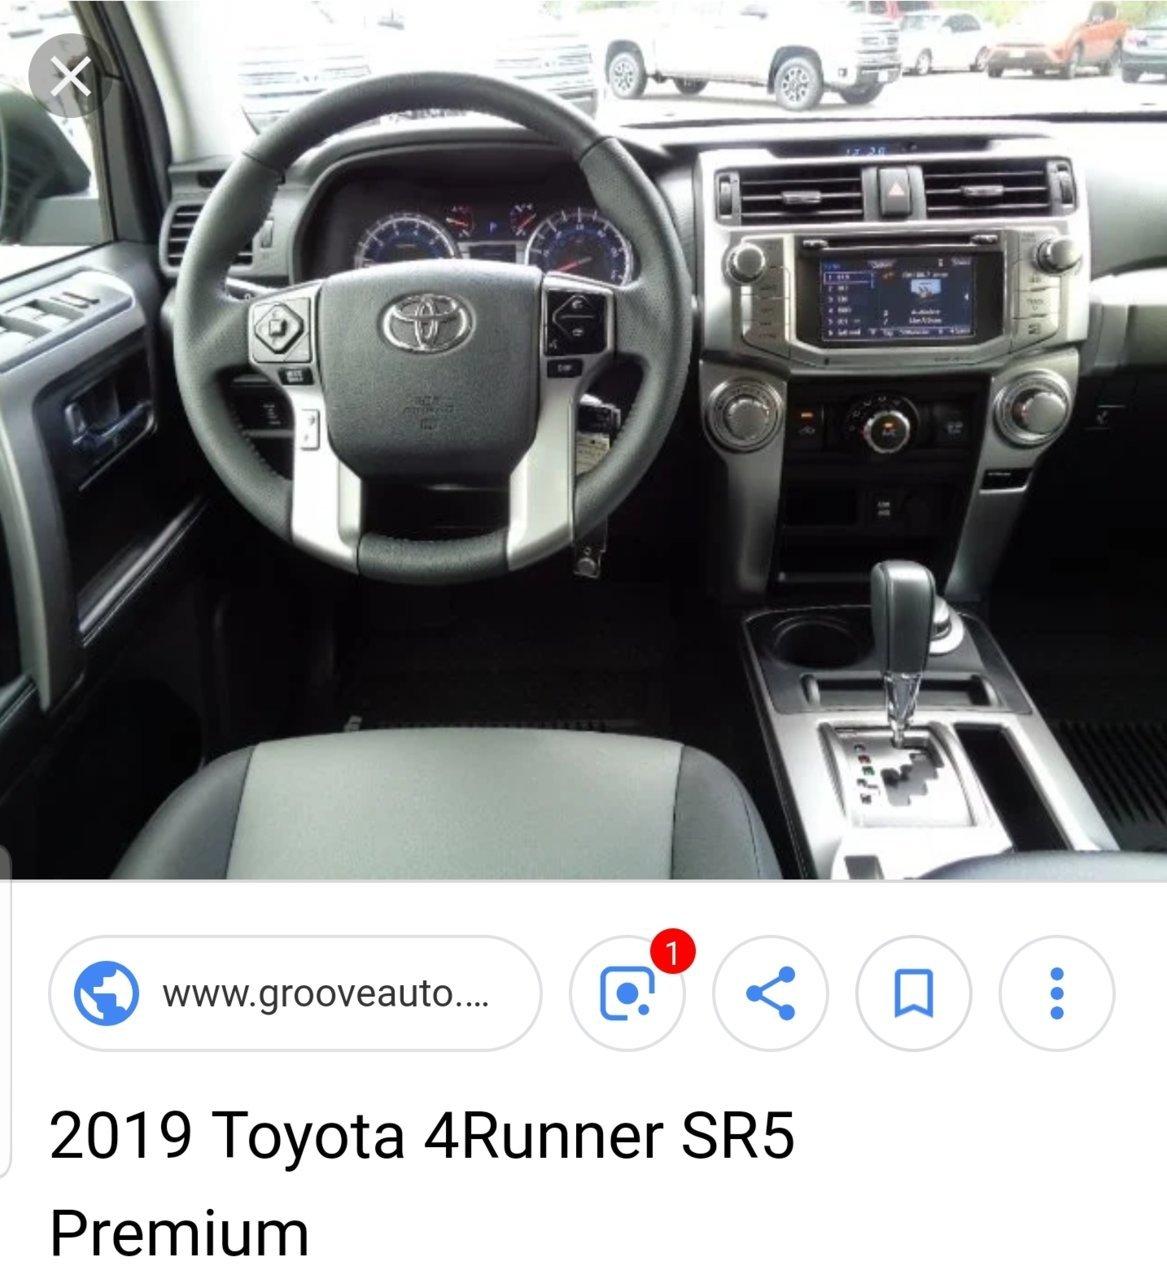 Screenshot_20190412-113916_Google.jpg